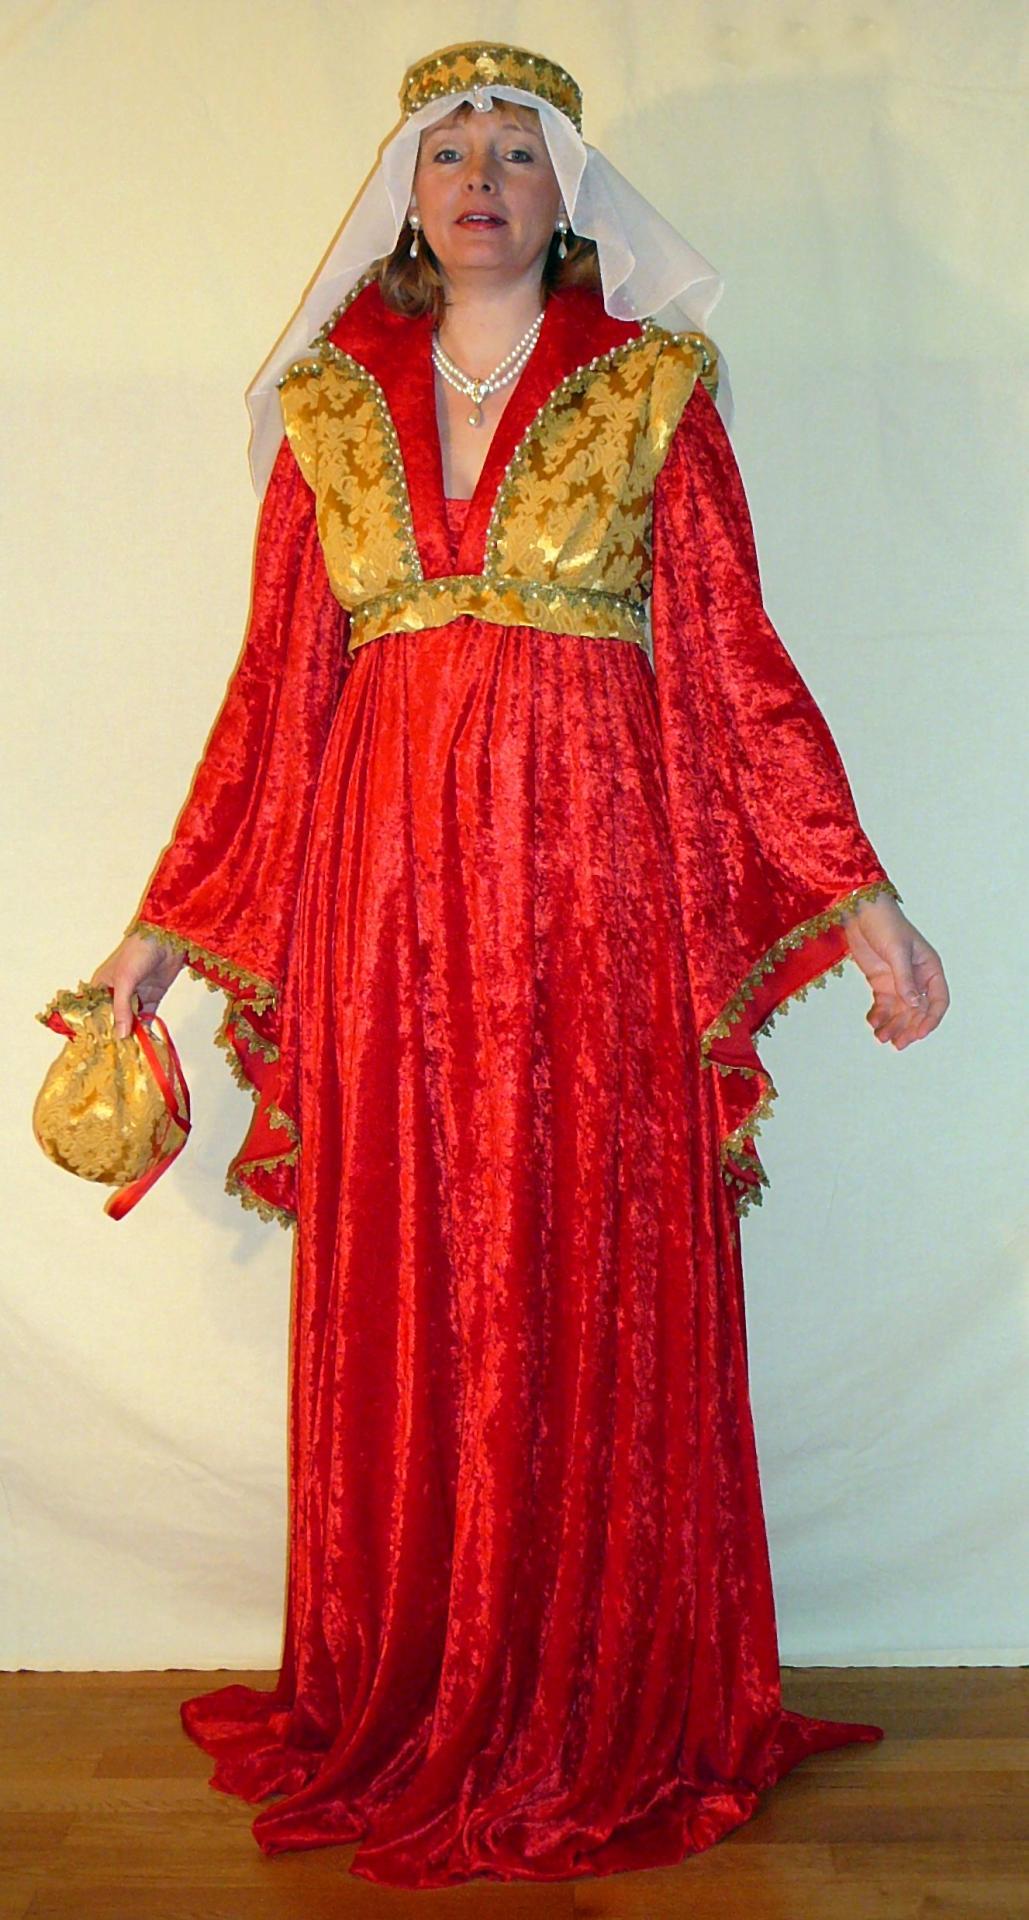 Mittelalter Kleid mit Schapel und Schleier